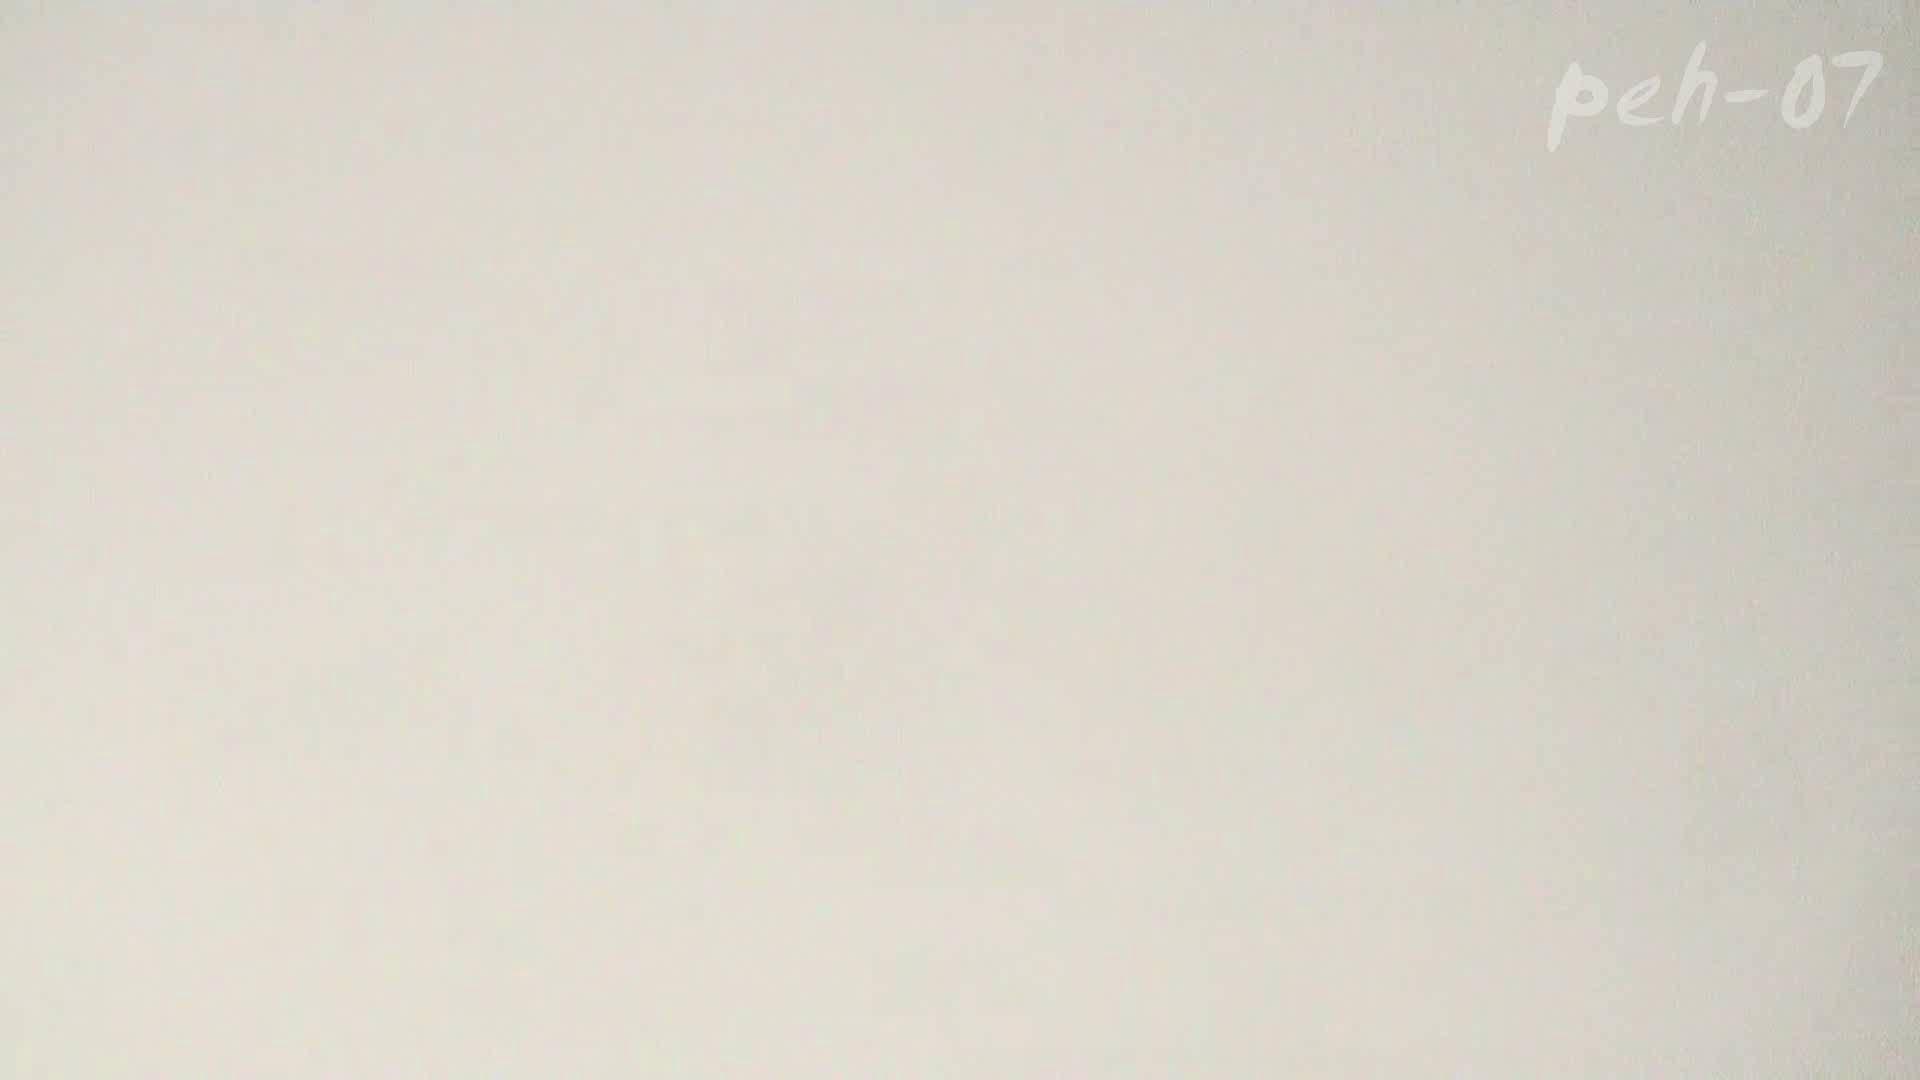 ※100個限定販売 至高下半身盗撮 プレミアム Vol.7 ハイビジョン ギャル達 ヌード画像 99枚 30